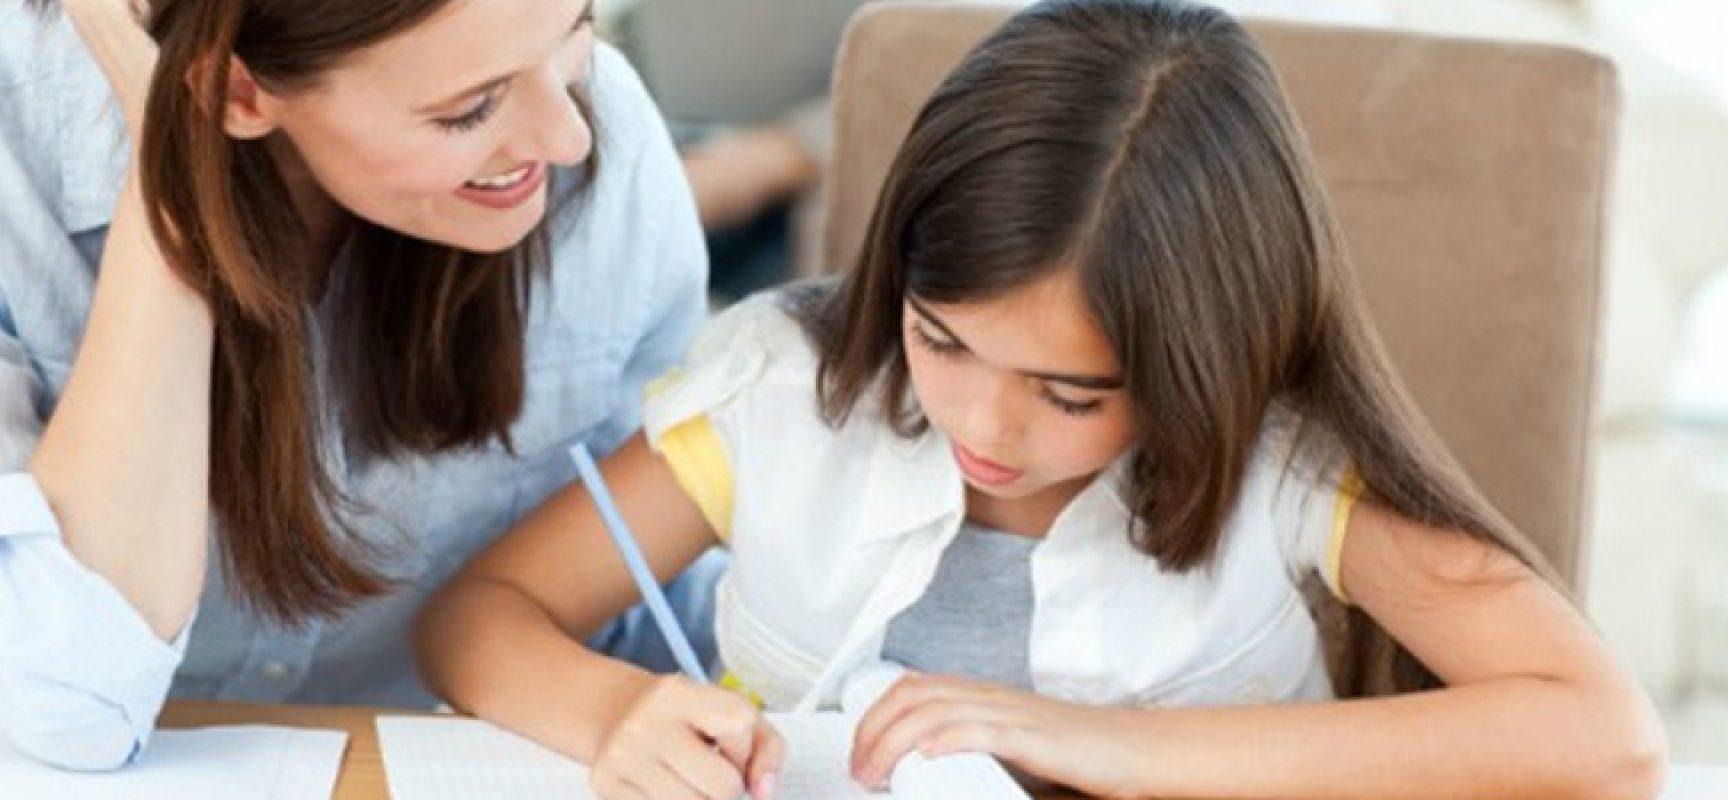 Disturbi specifici dell'apprendimento, riapre domani lo sportello d'ascolto alla Monterisi / DETTAGLI